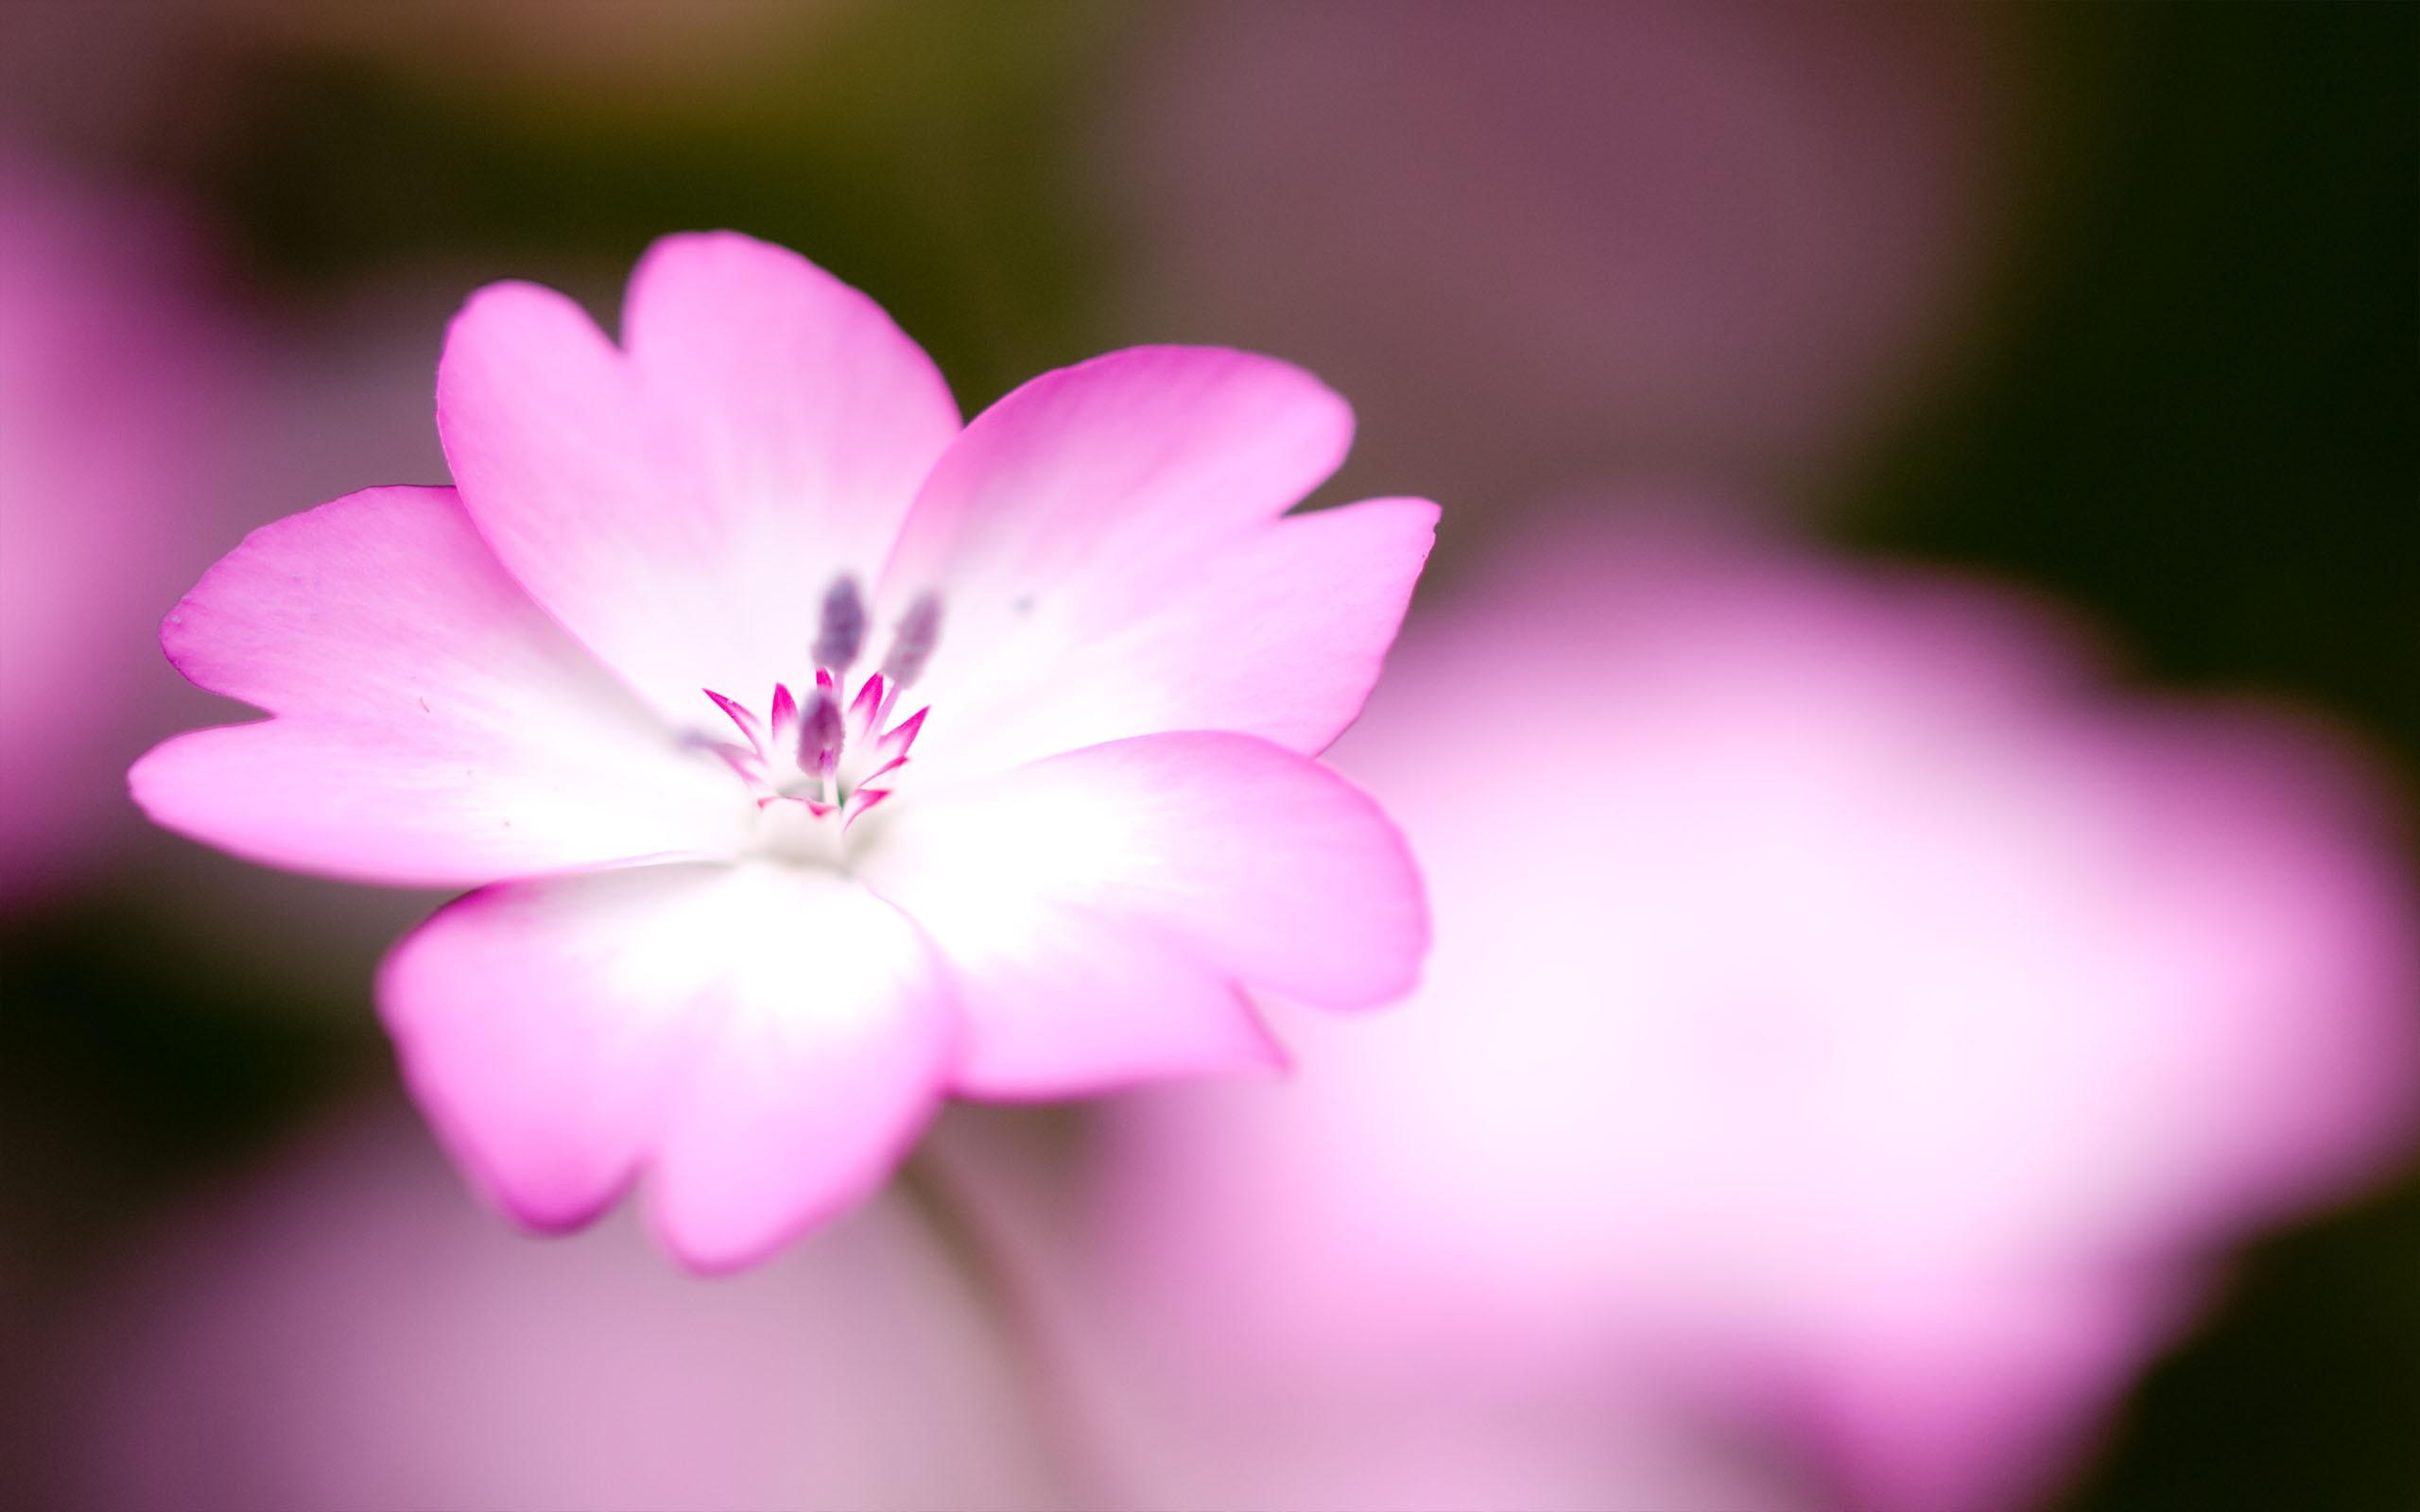 цветок розовый загрузить